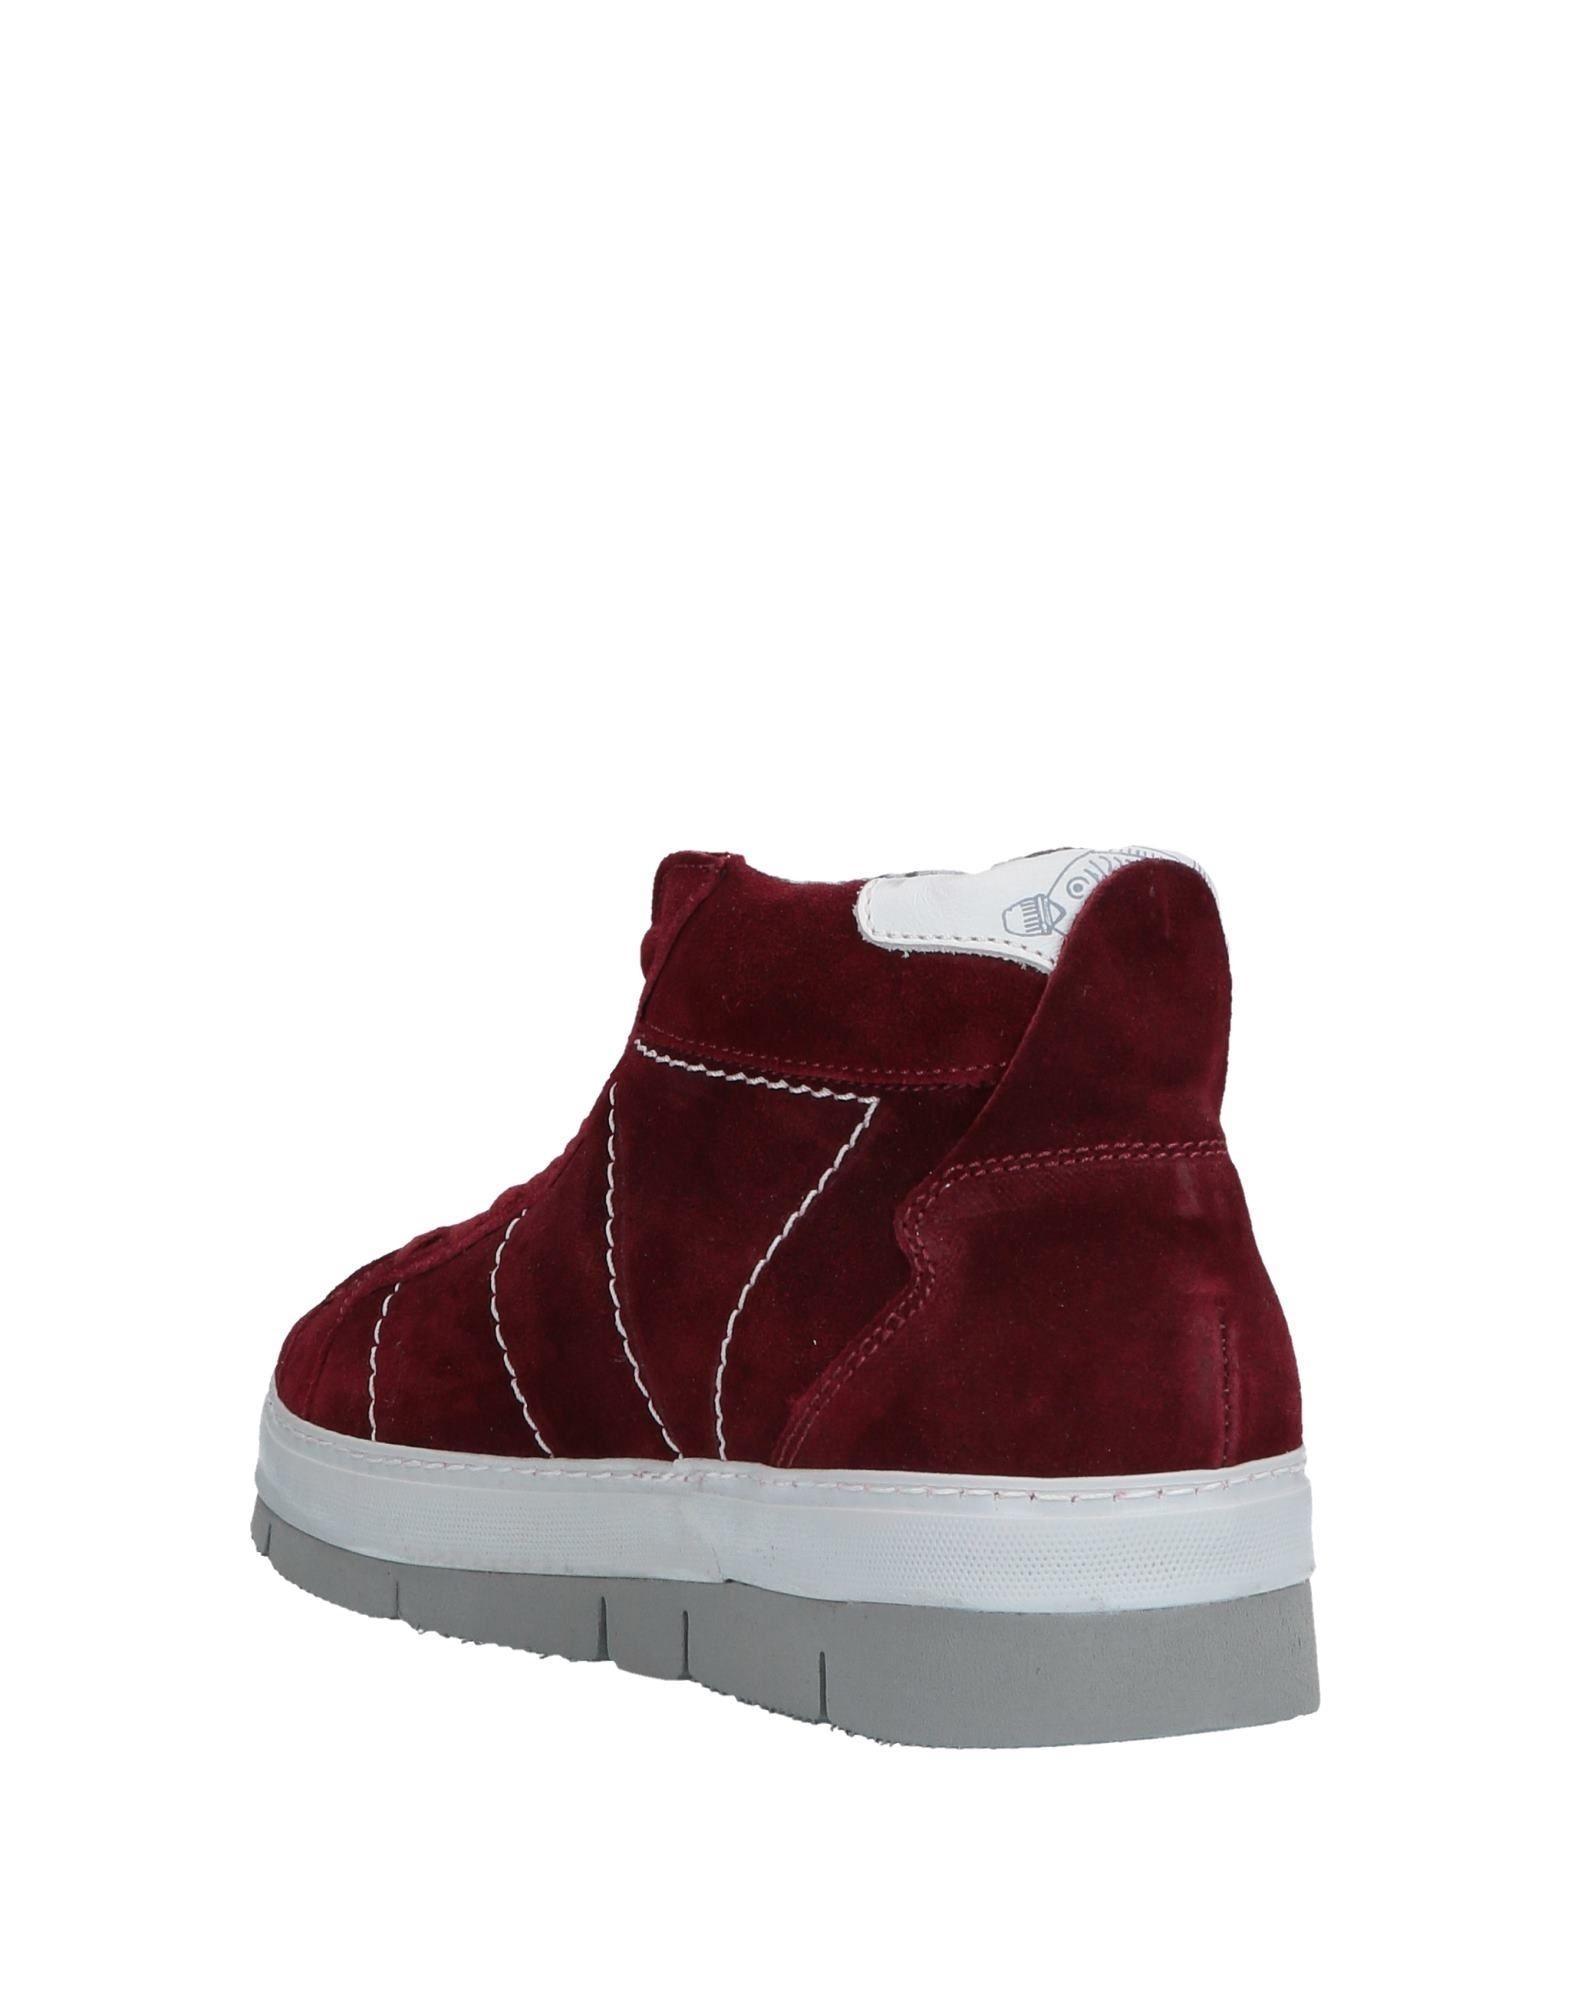 Sneakers abotinadas Soya Fish de Cuero de color Rojo para hombre